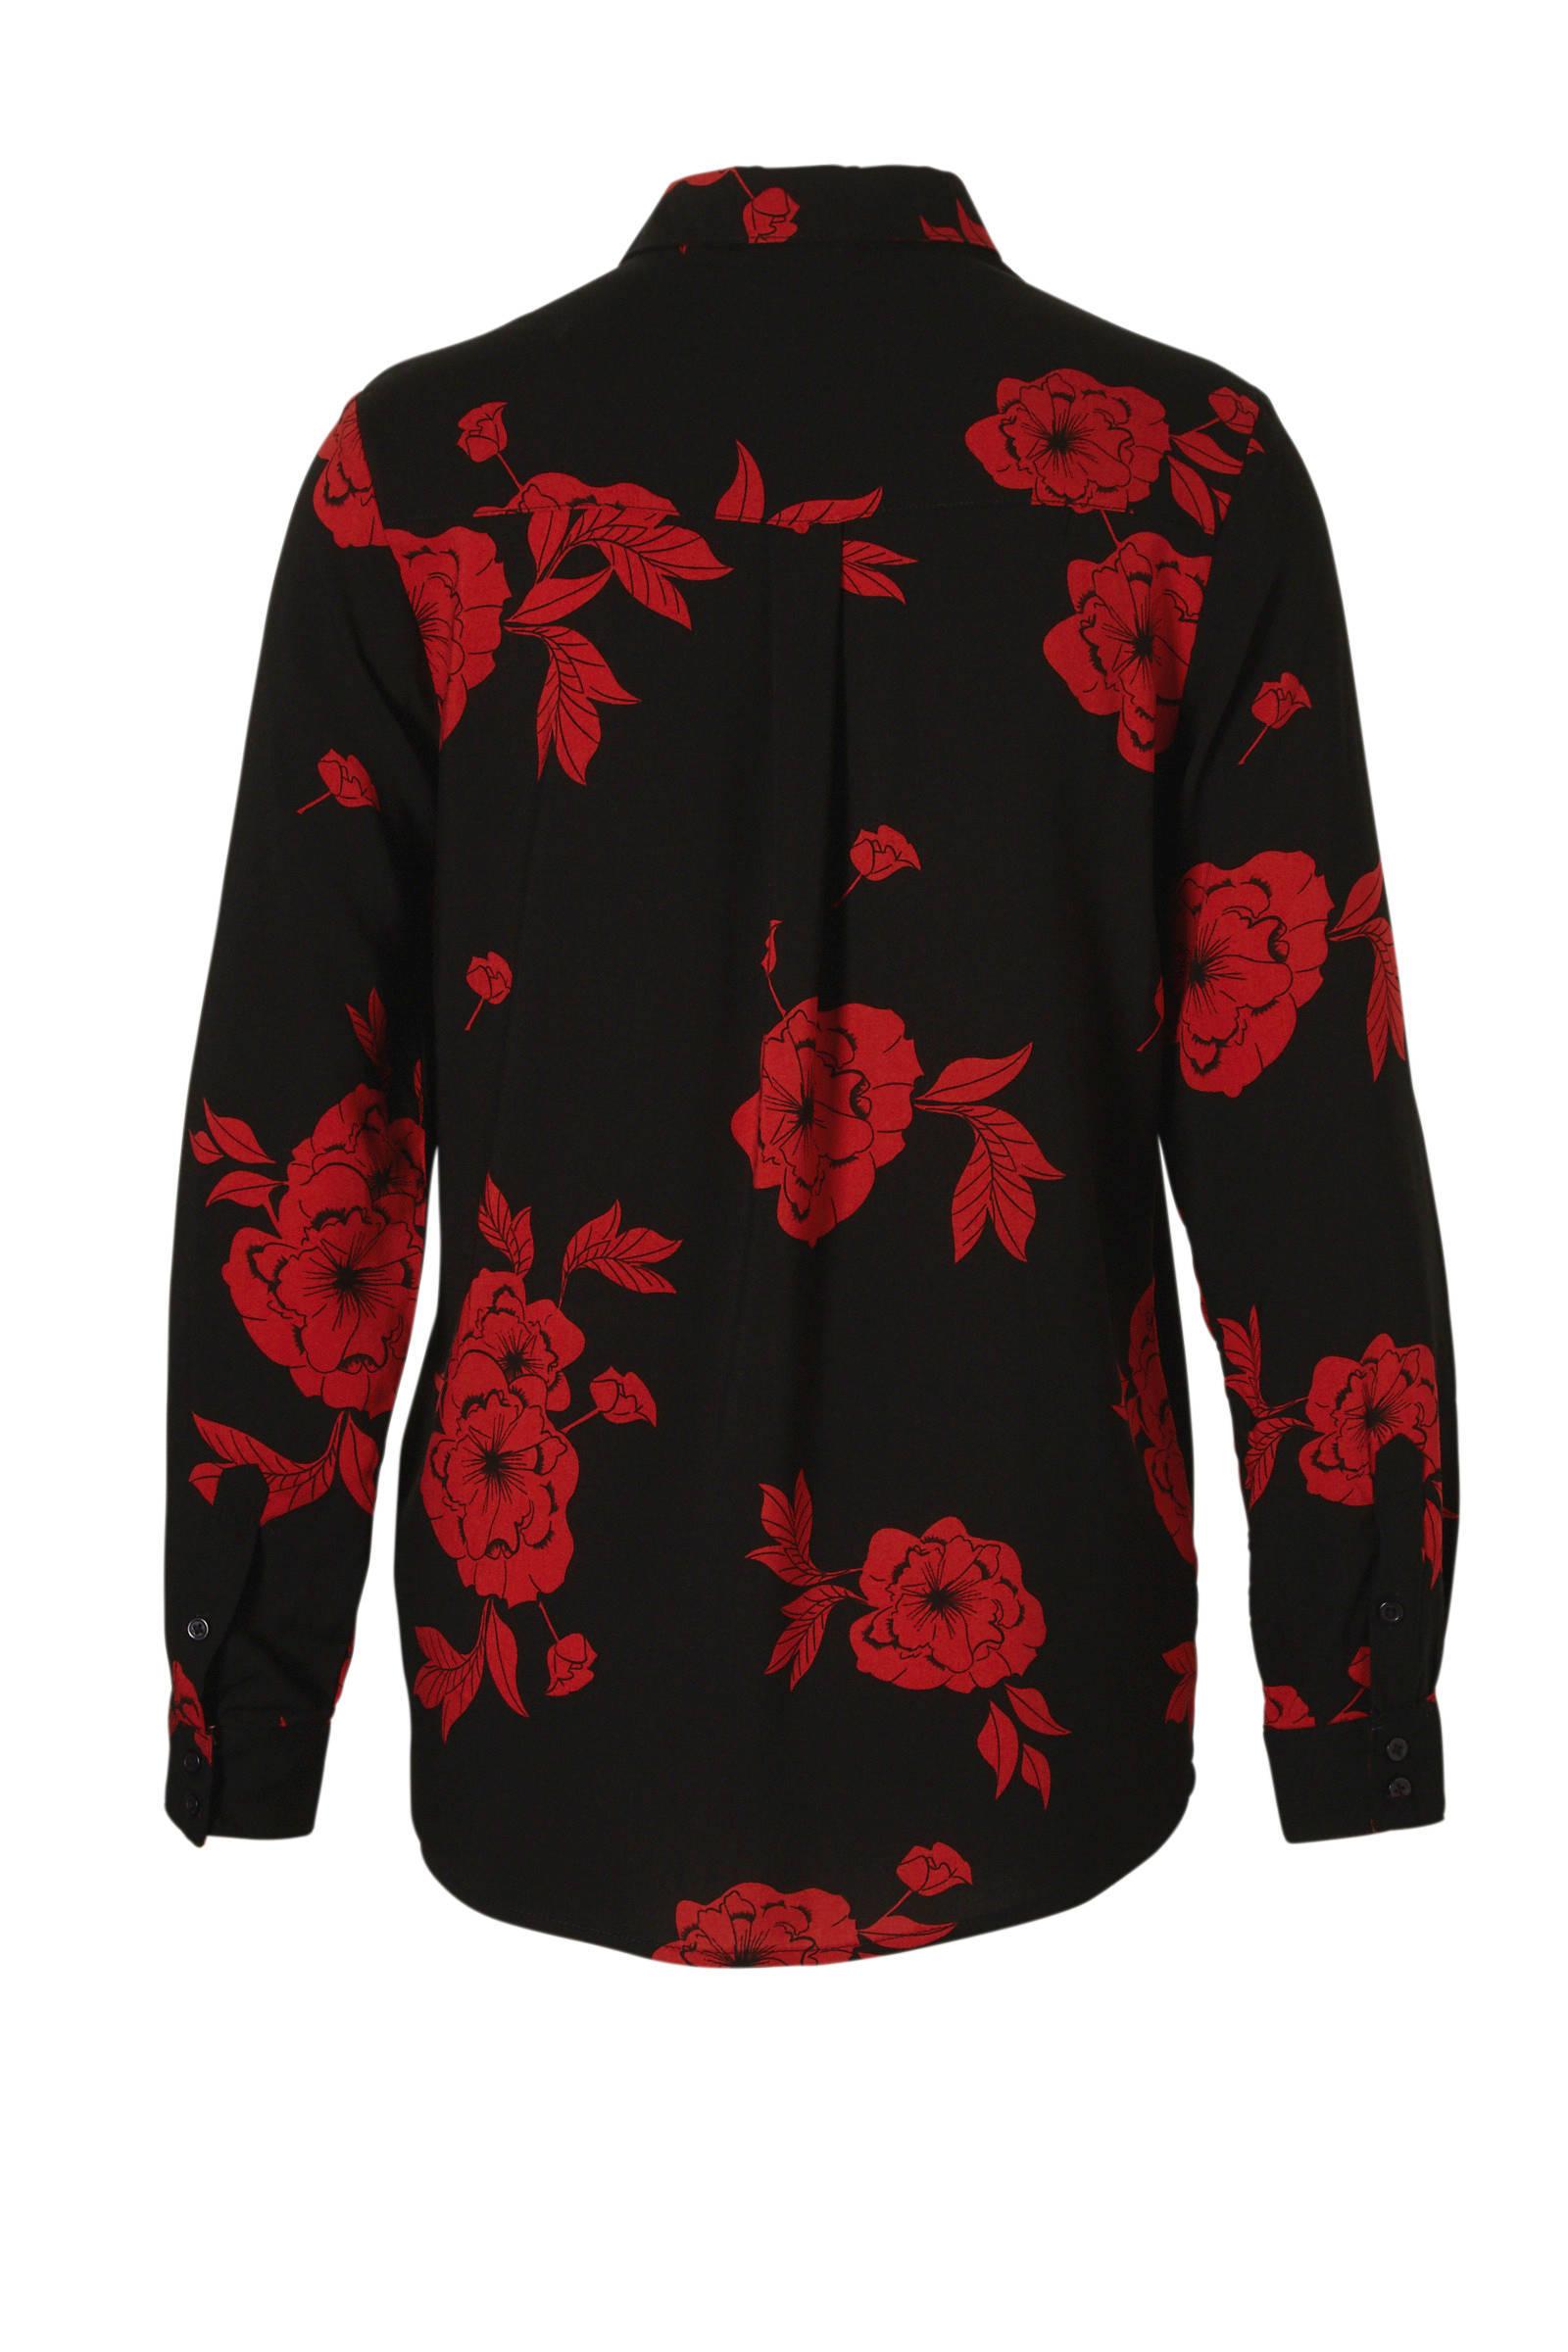 Vera ICHI ICHI Vera blouse Vera ICHI ICHI blouse blouse Vera blouse UqxT6AWB